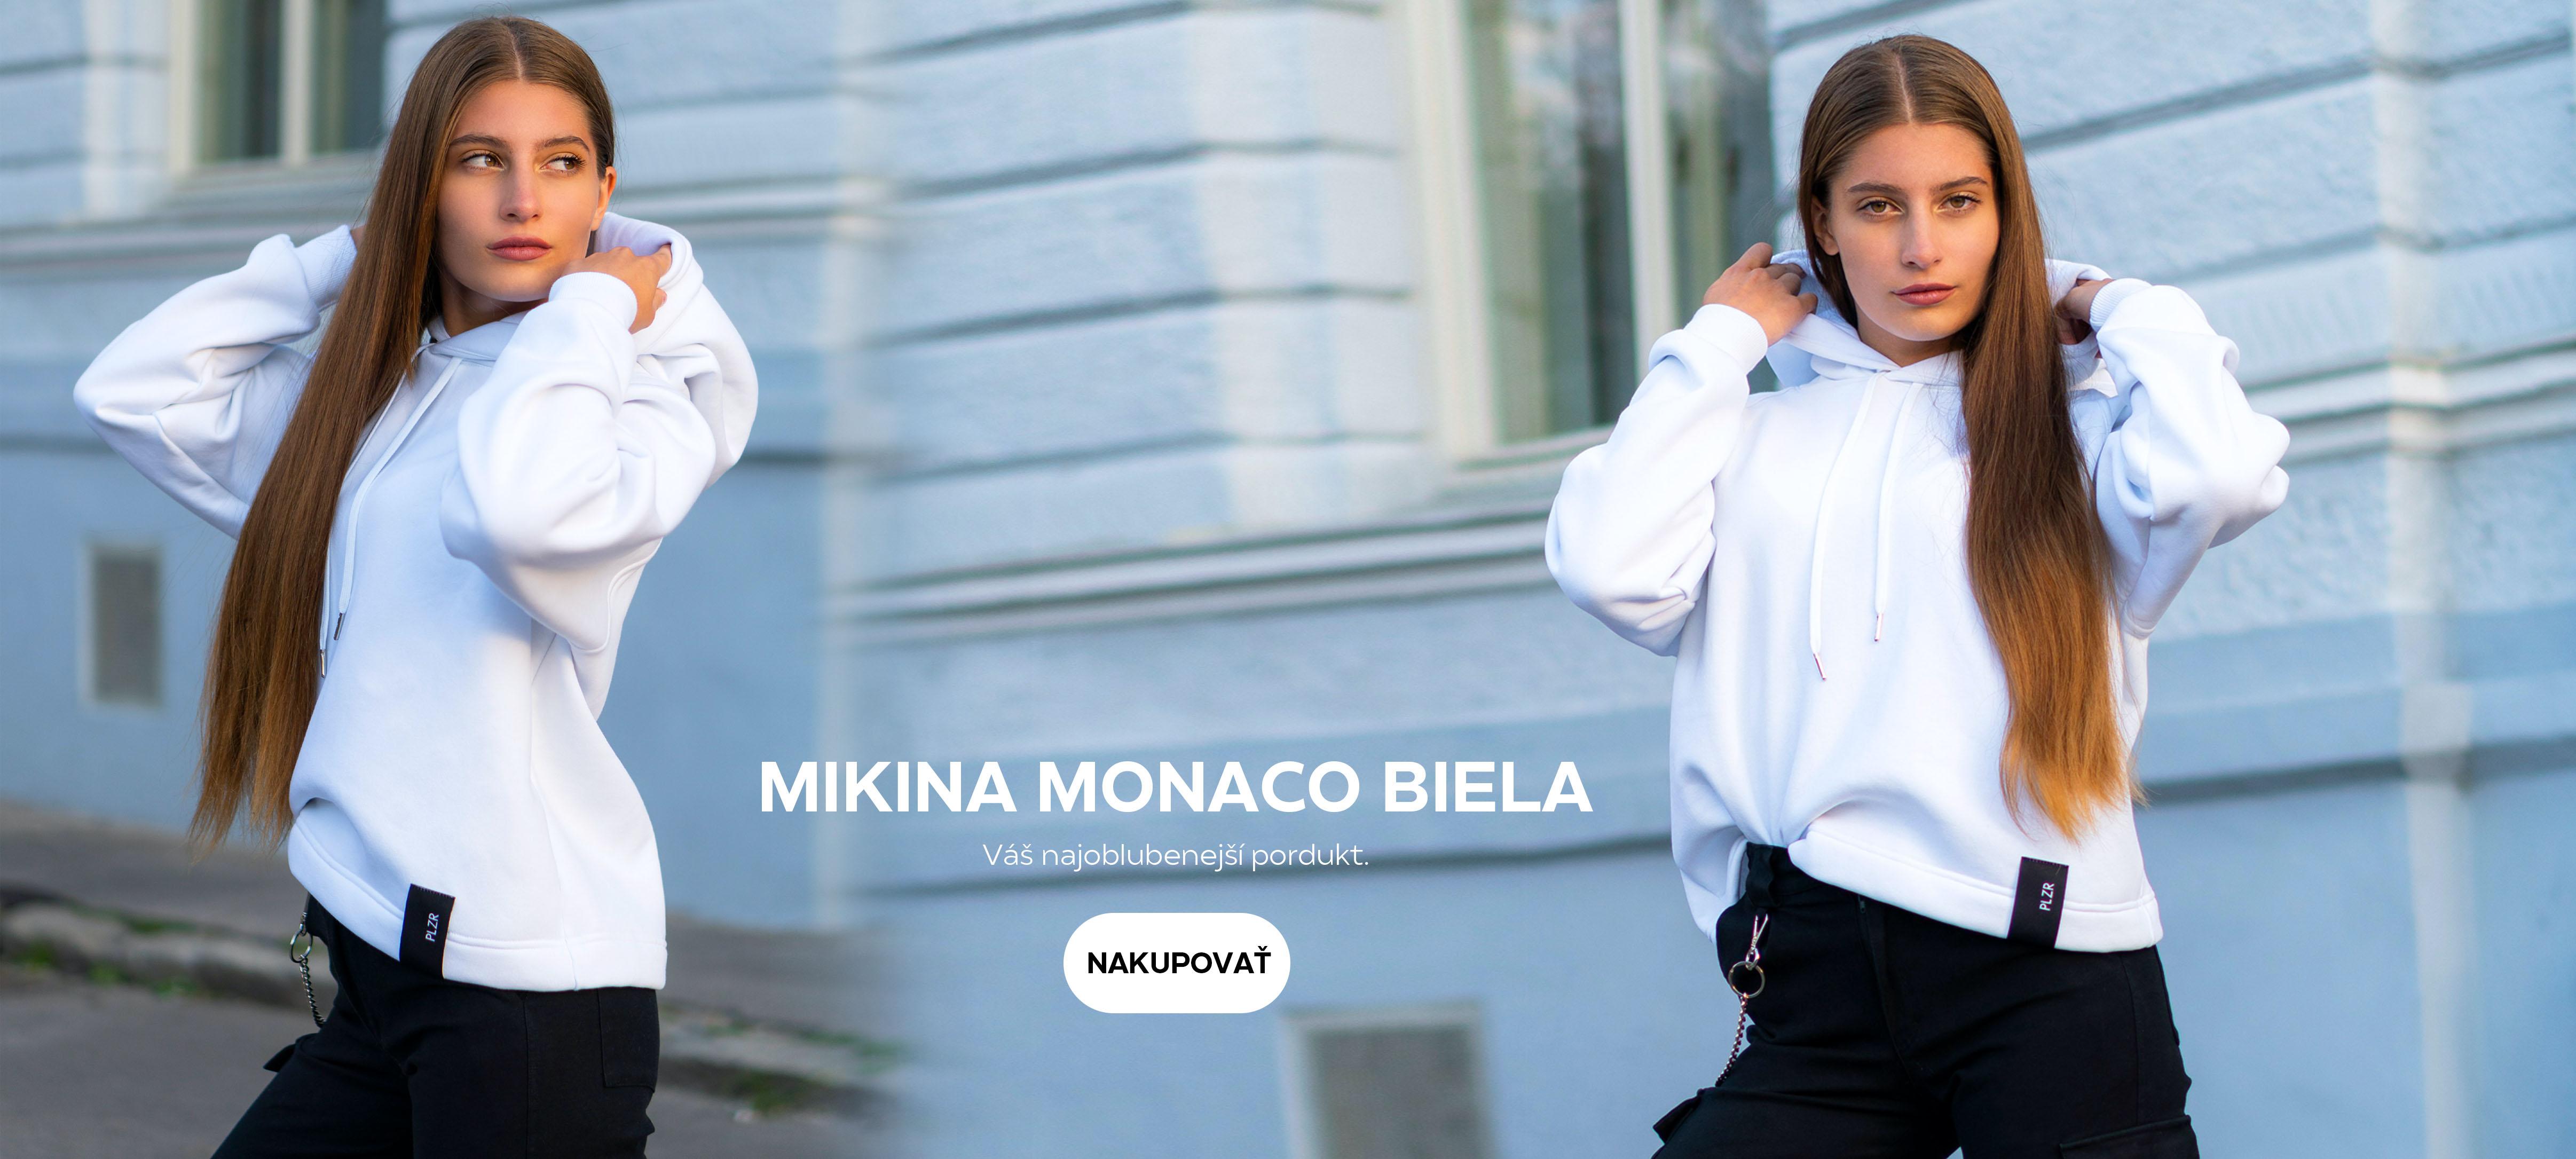 Mikina MONACO BIELA